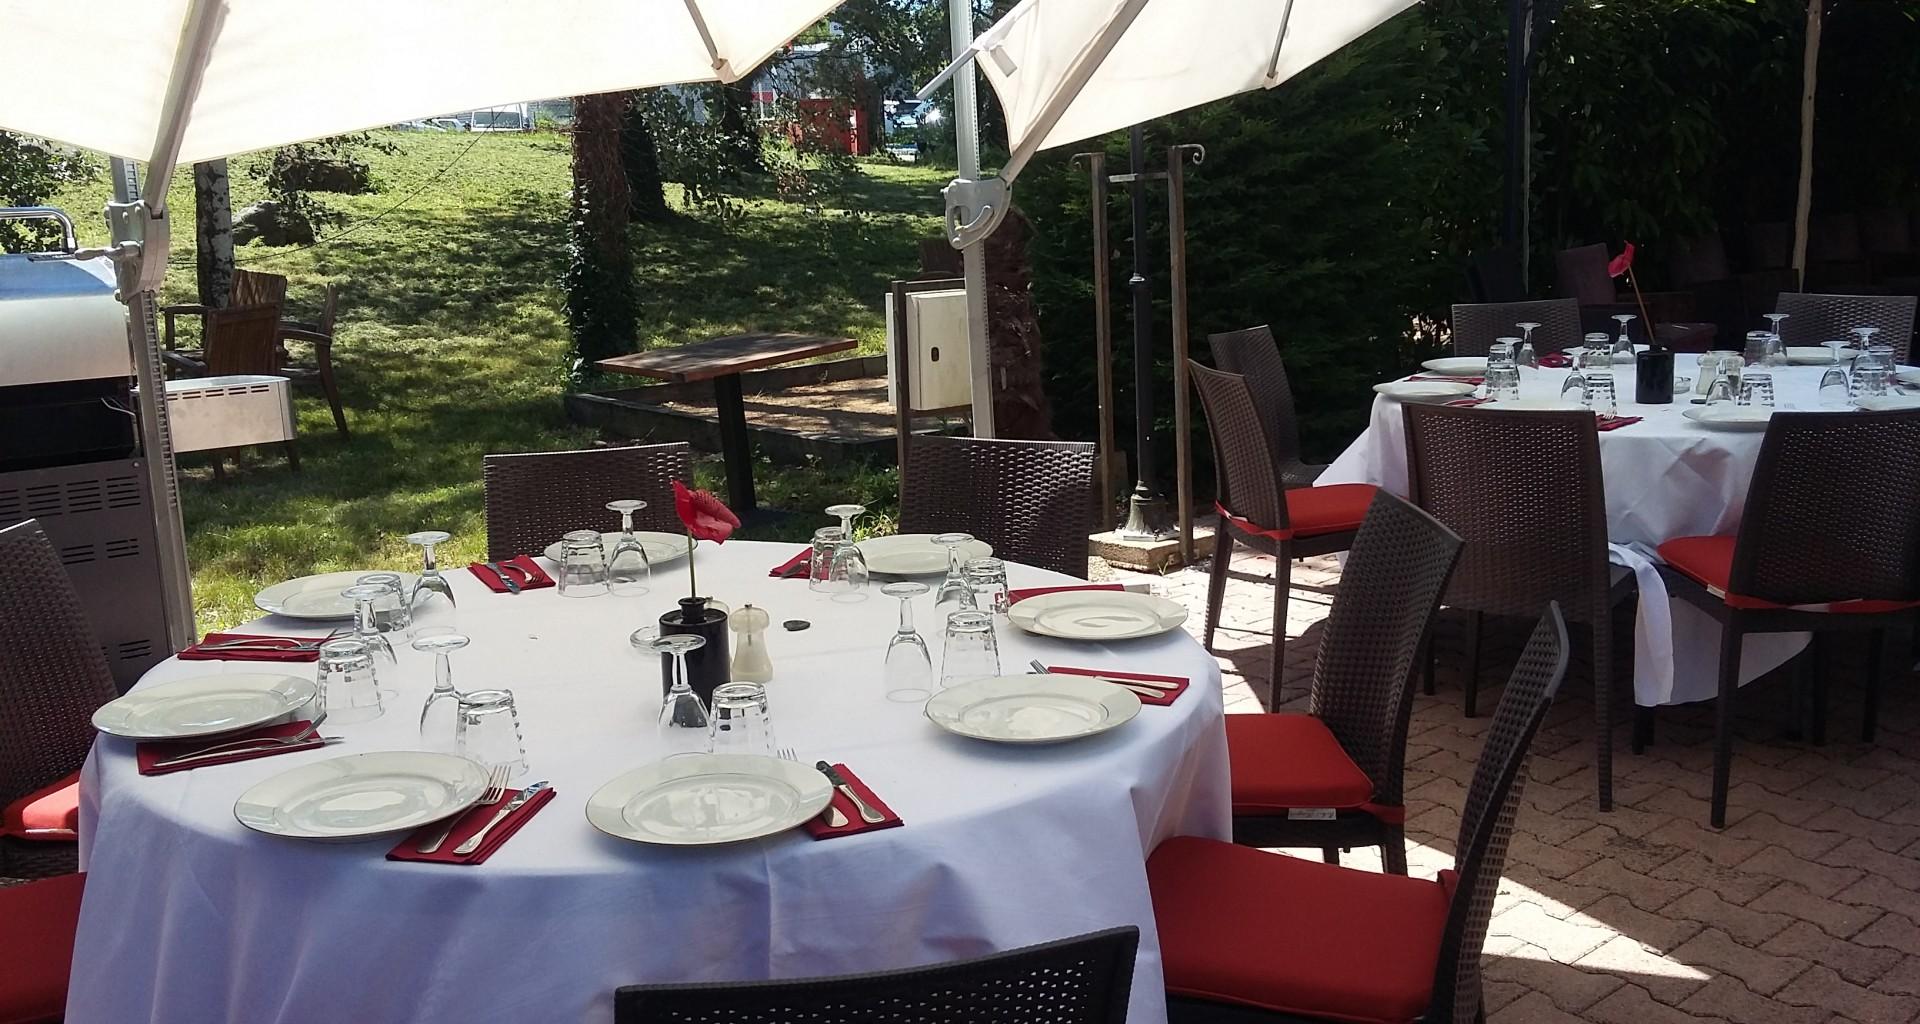 dejeuner convivial en terrasse